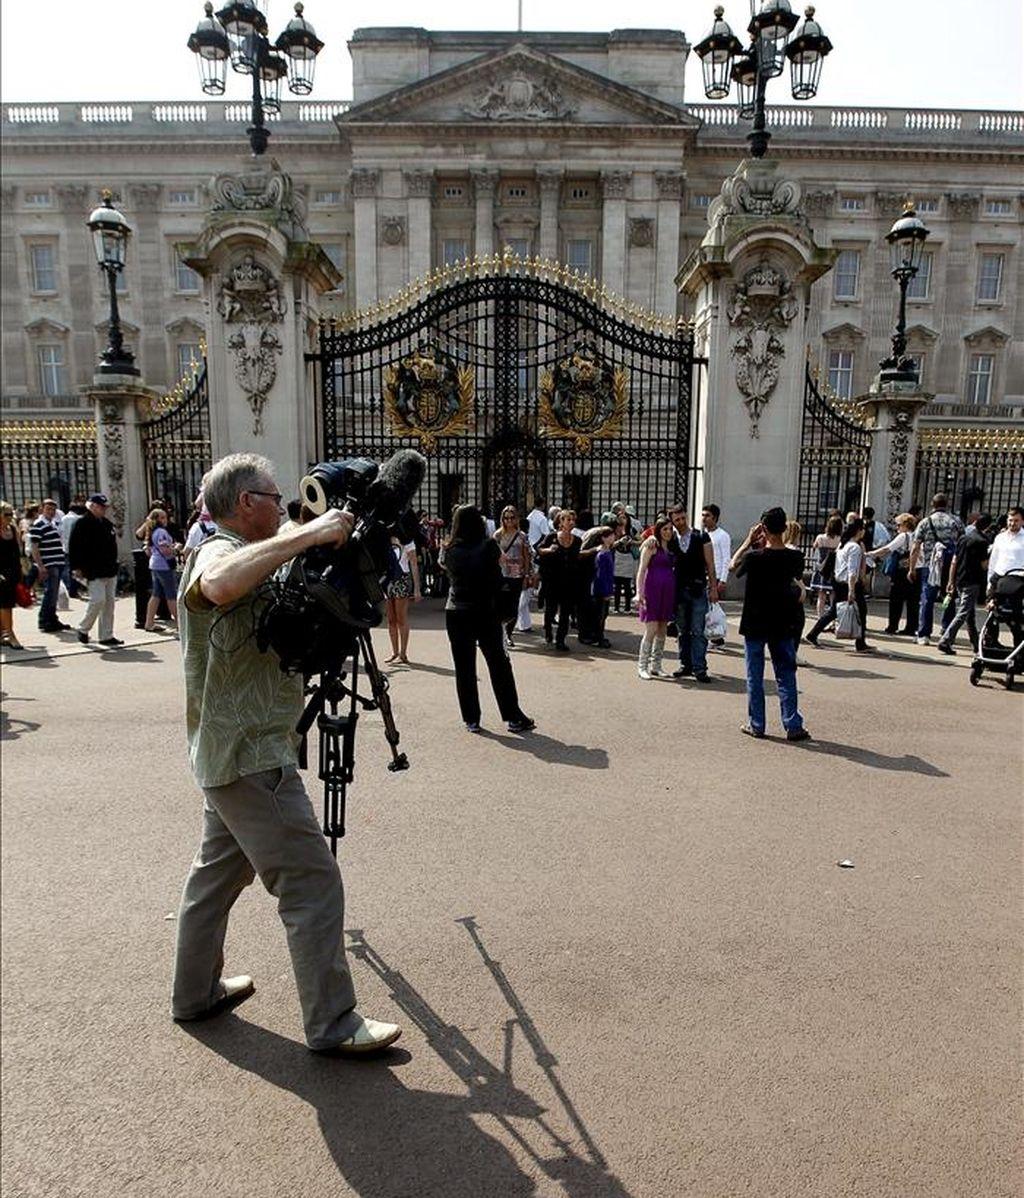 Un camarógrafo frente al balcón principal del palacio de Buckingham hoy. Esta residencia real británica será uno de los escenarios principales de la  boda del príncipe Guillermo de Inglaterra y Kate Middleton el próximo día 29. EFE